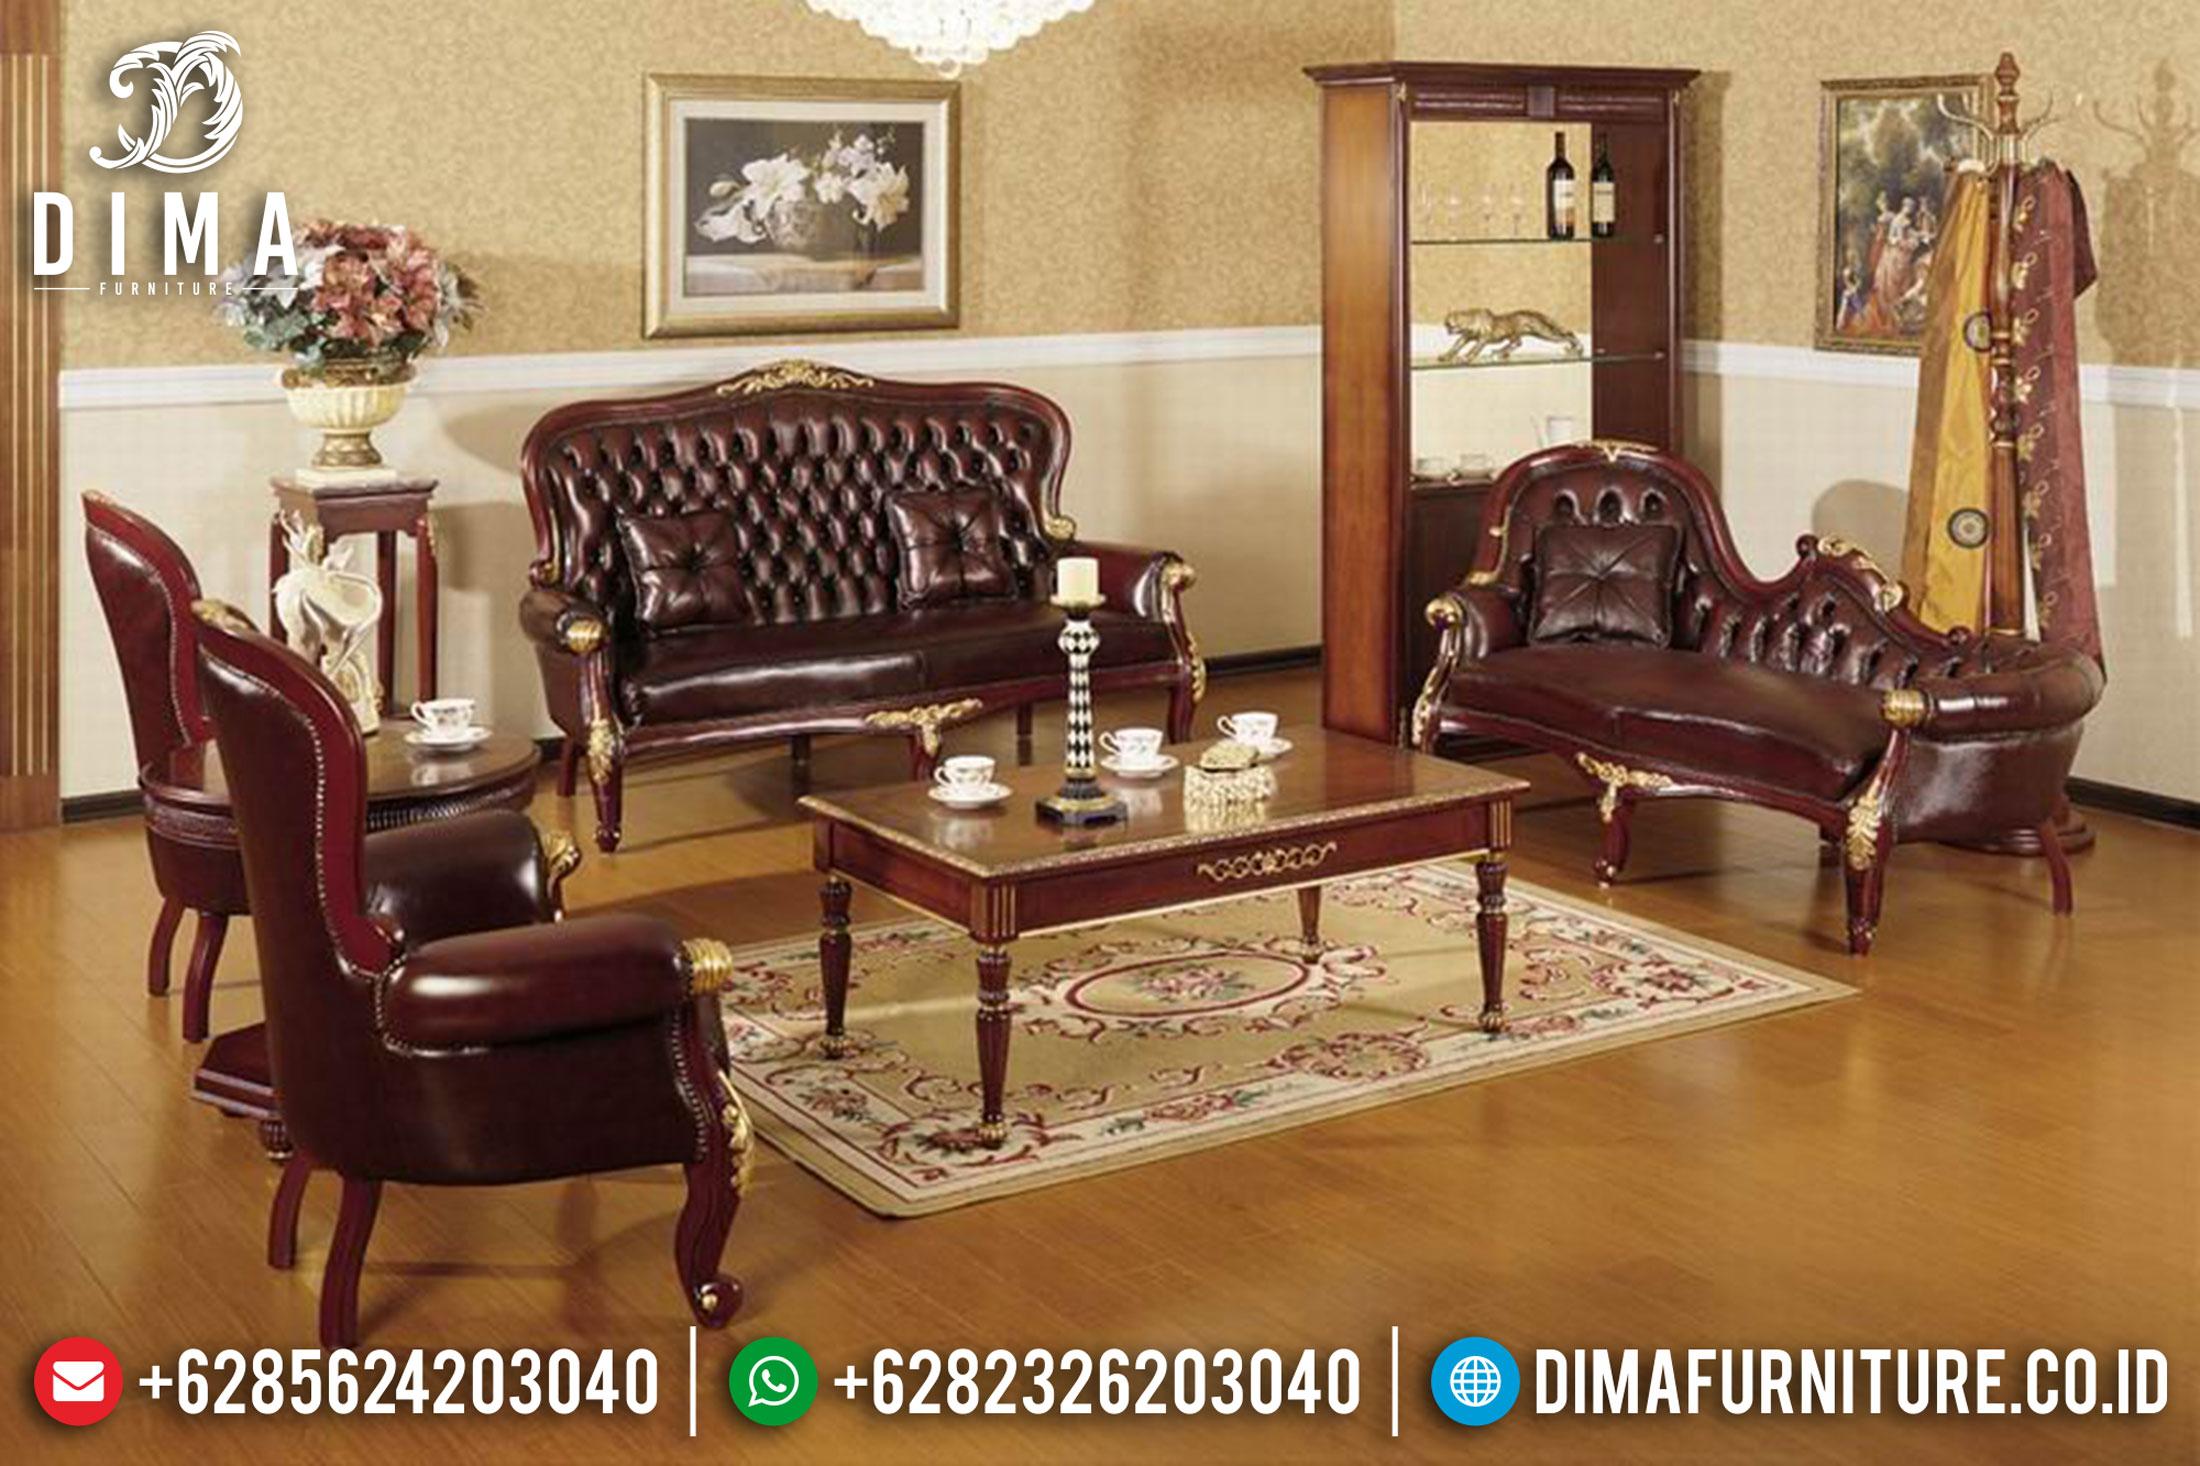 Sofa Tamu Jepara Mewah Minimalis Terbaru 05 Dima Furniture Jepara